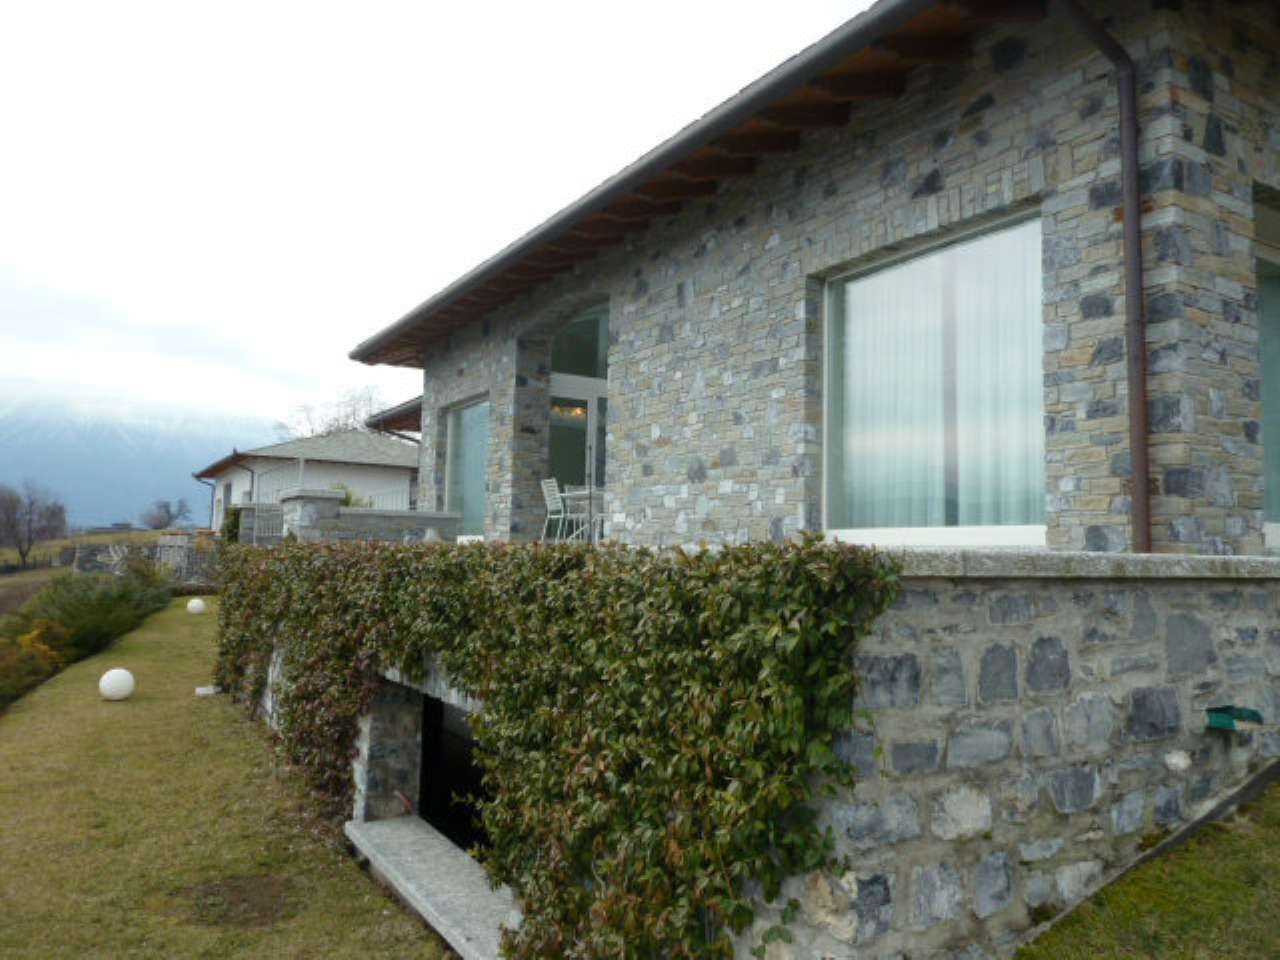 Villa in vendita a Tremezzina, 5 locali, prezzo € 3.900.000 | PortaleAgenzieImmobiliari.it